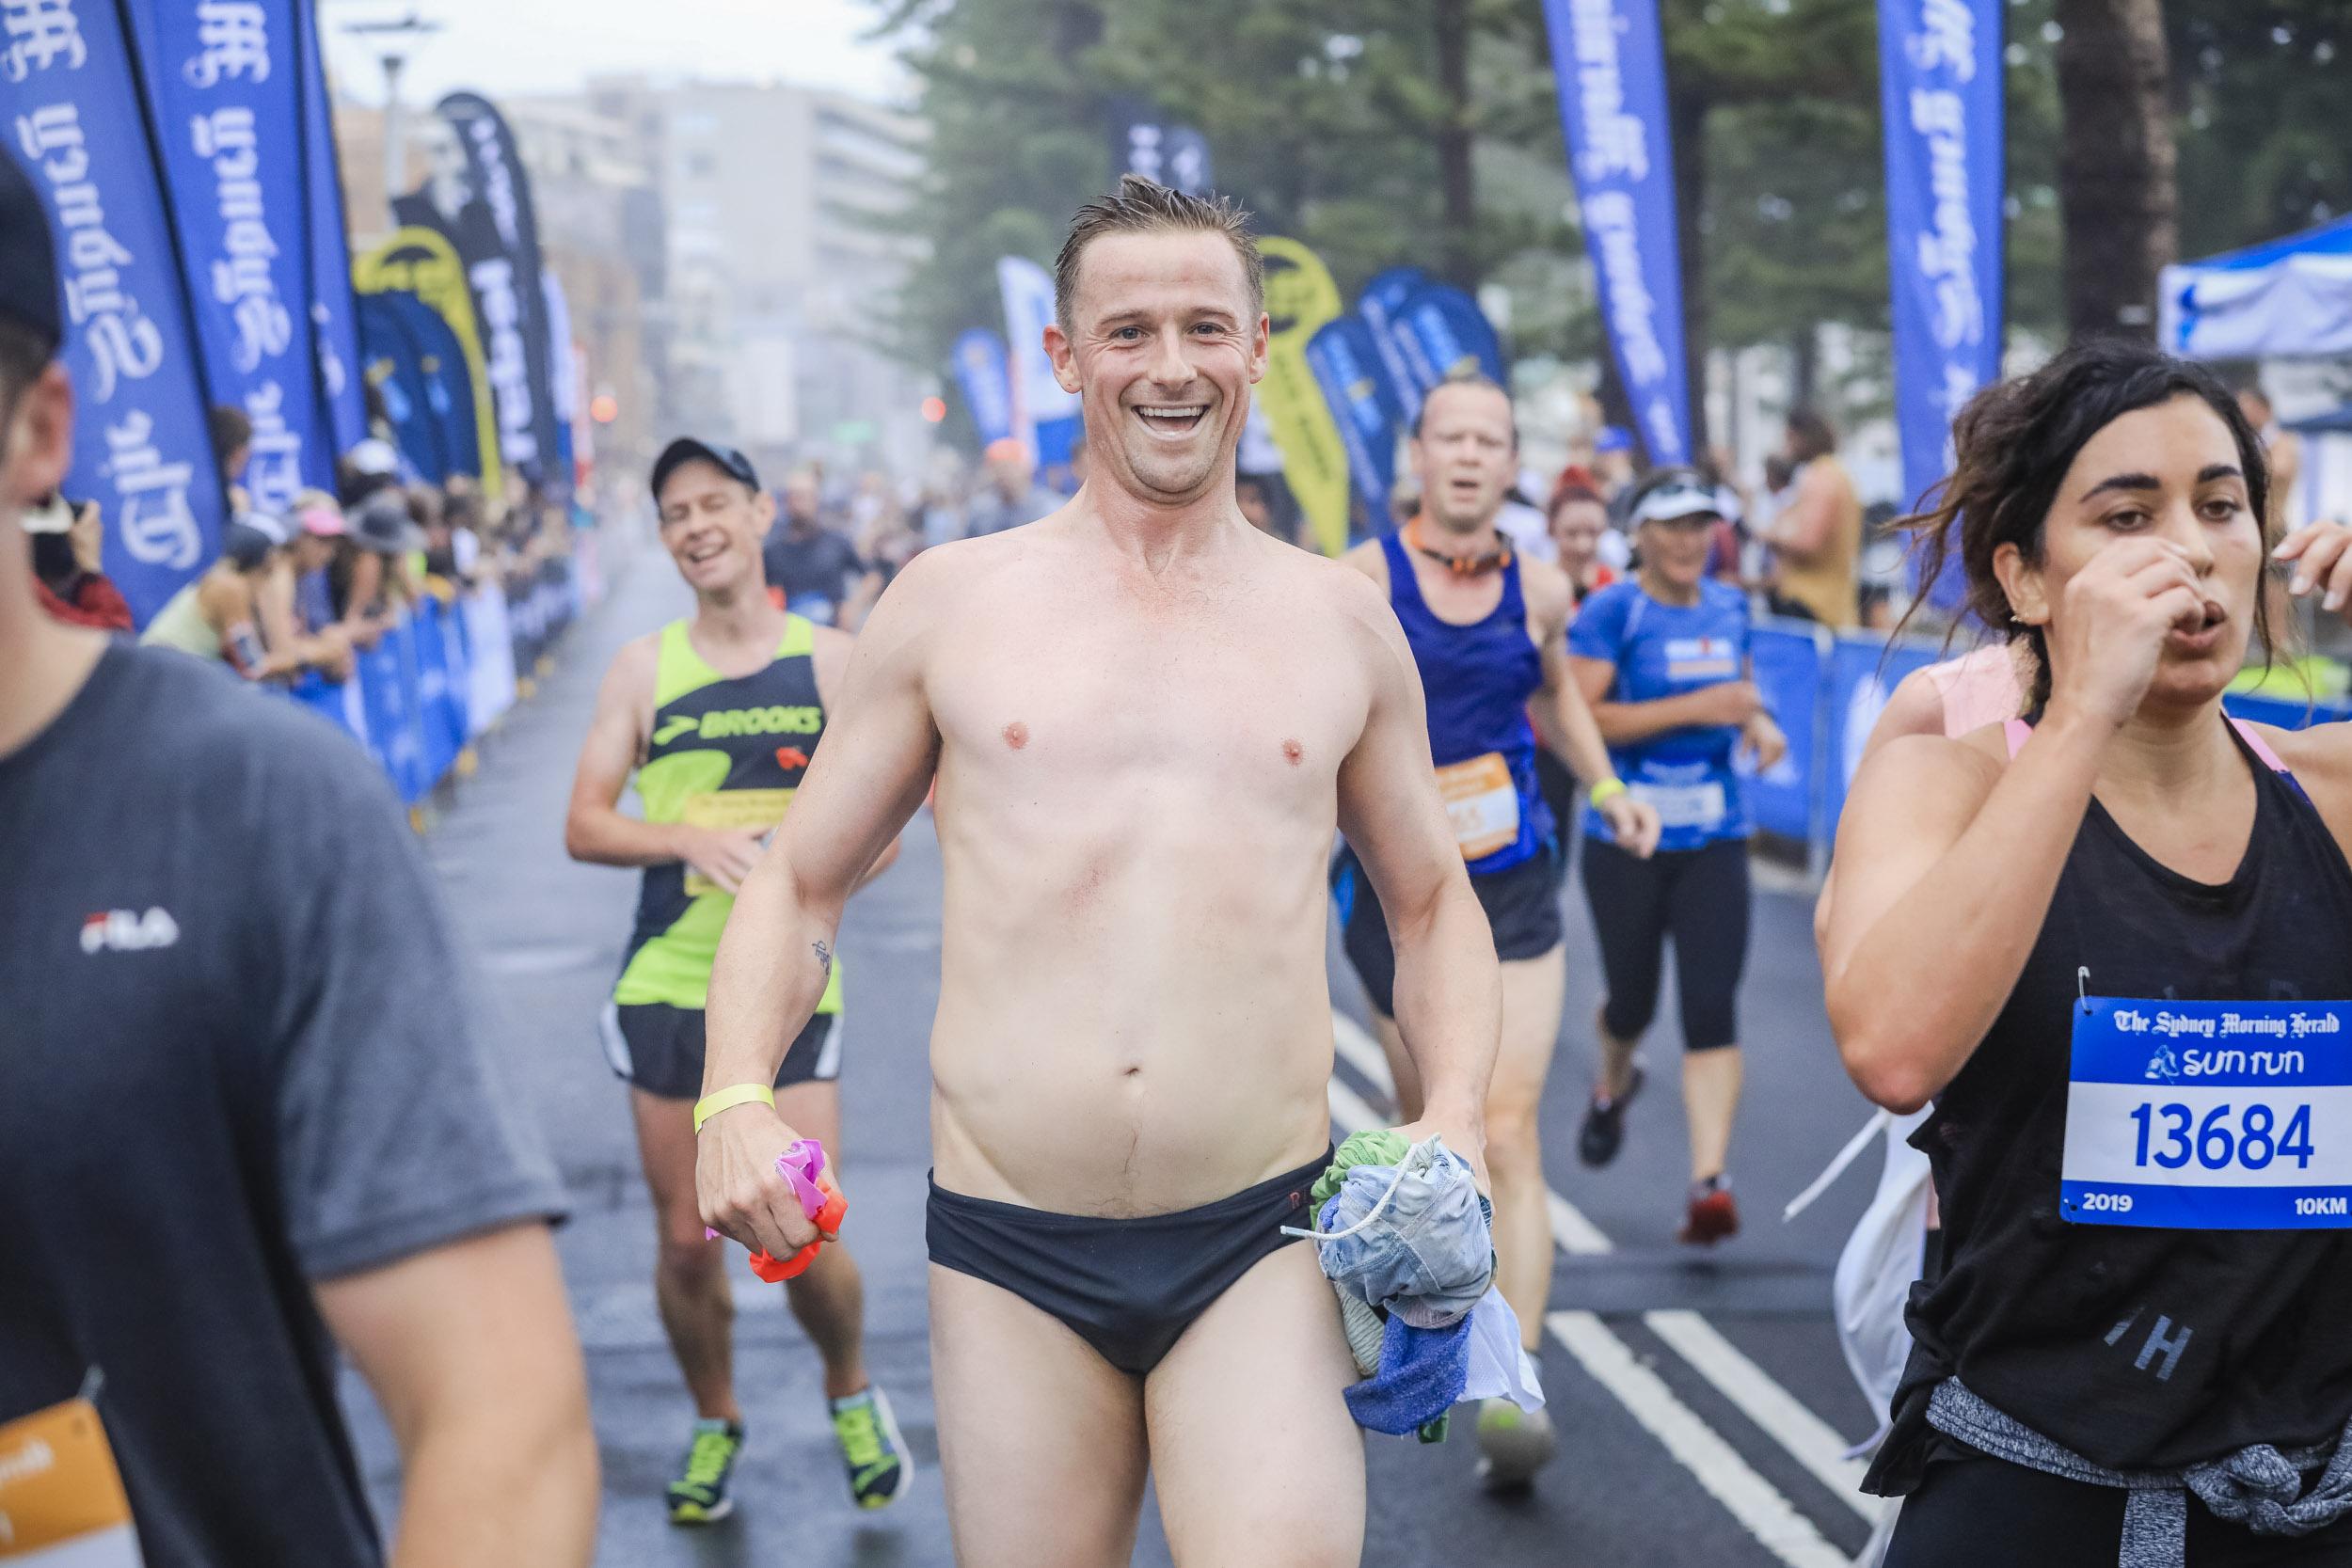 Sydney Morning Herald Sun Run © Salty Dingo 2019 CG-026194.jpg